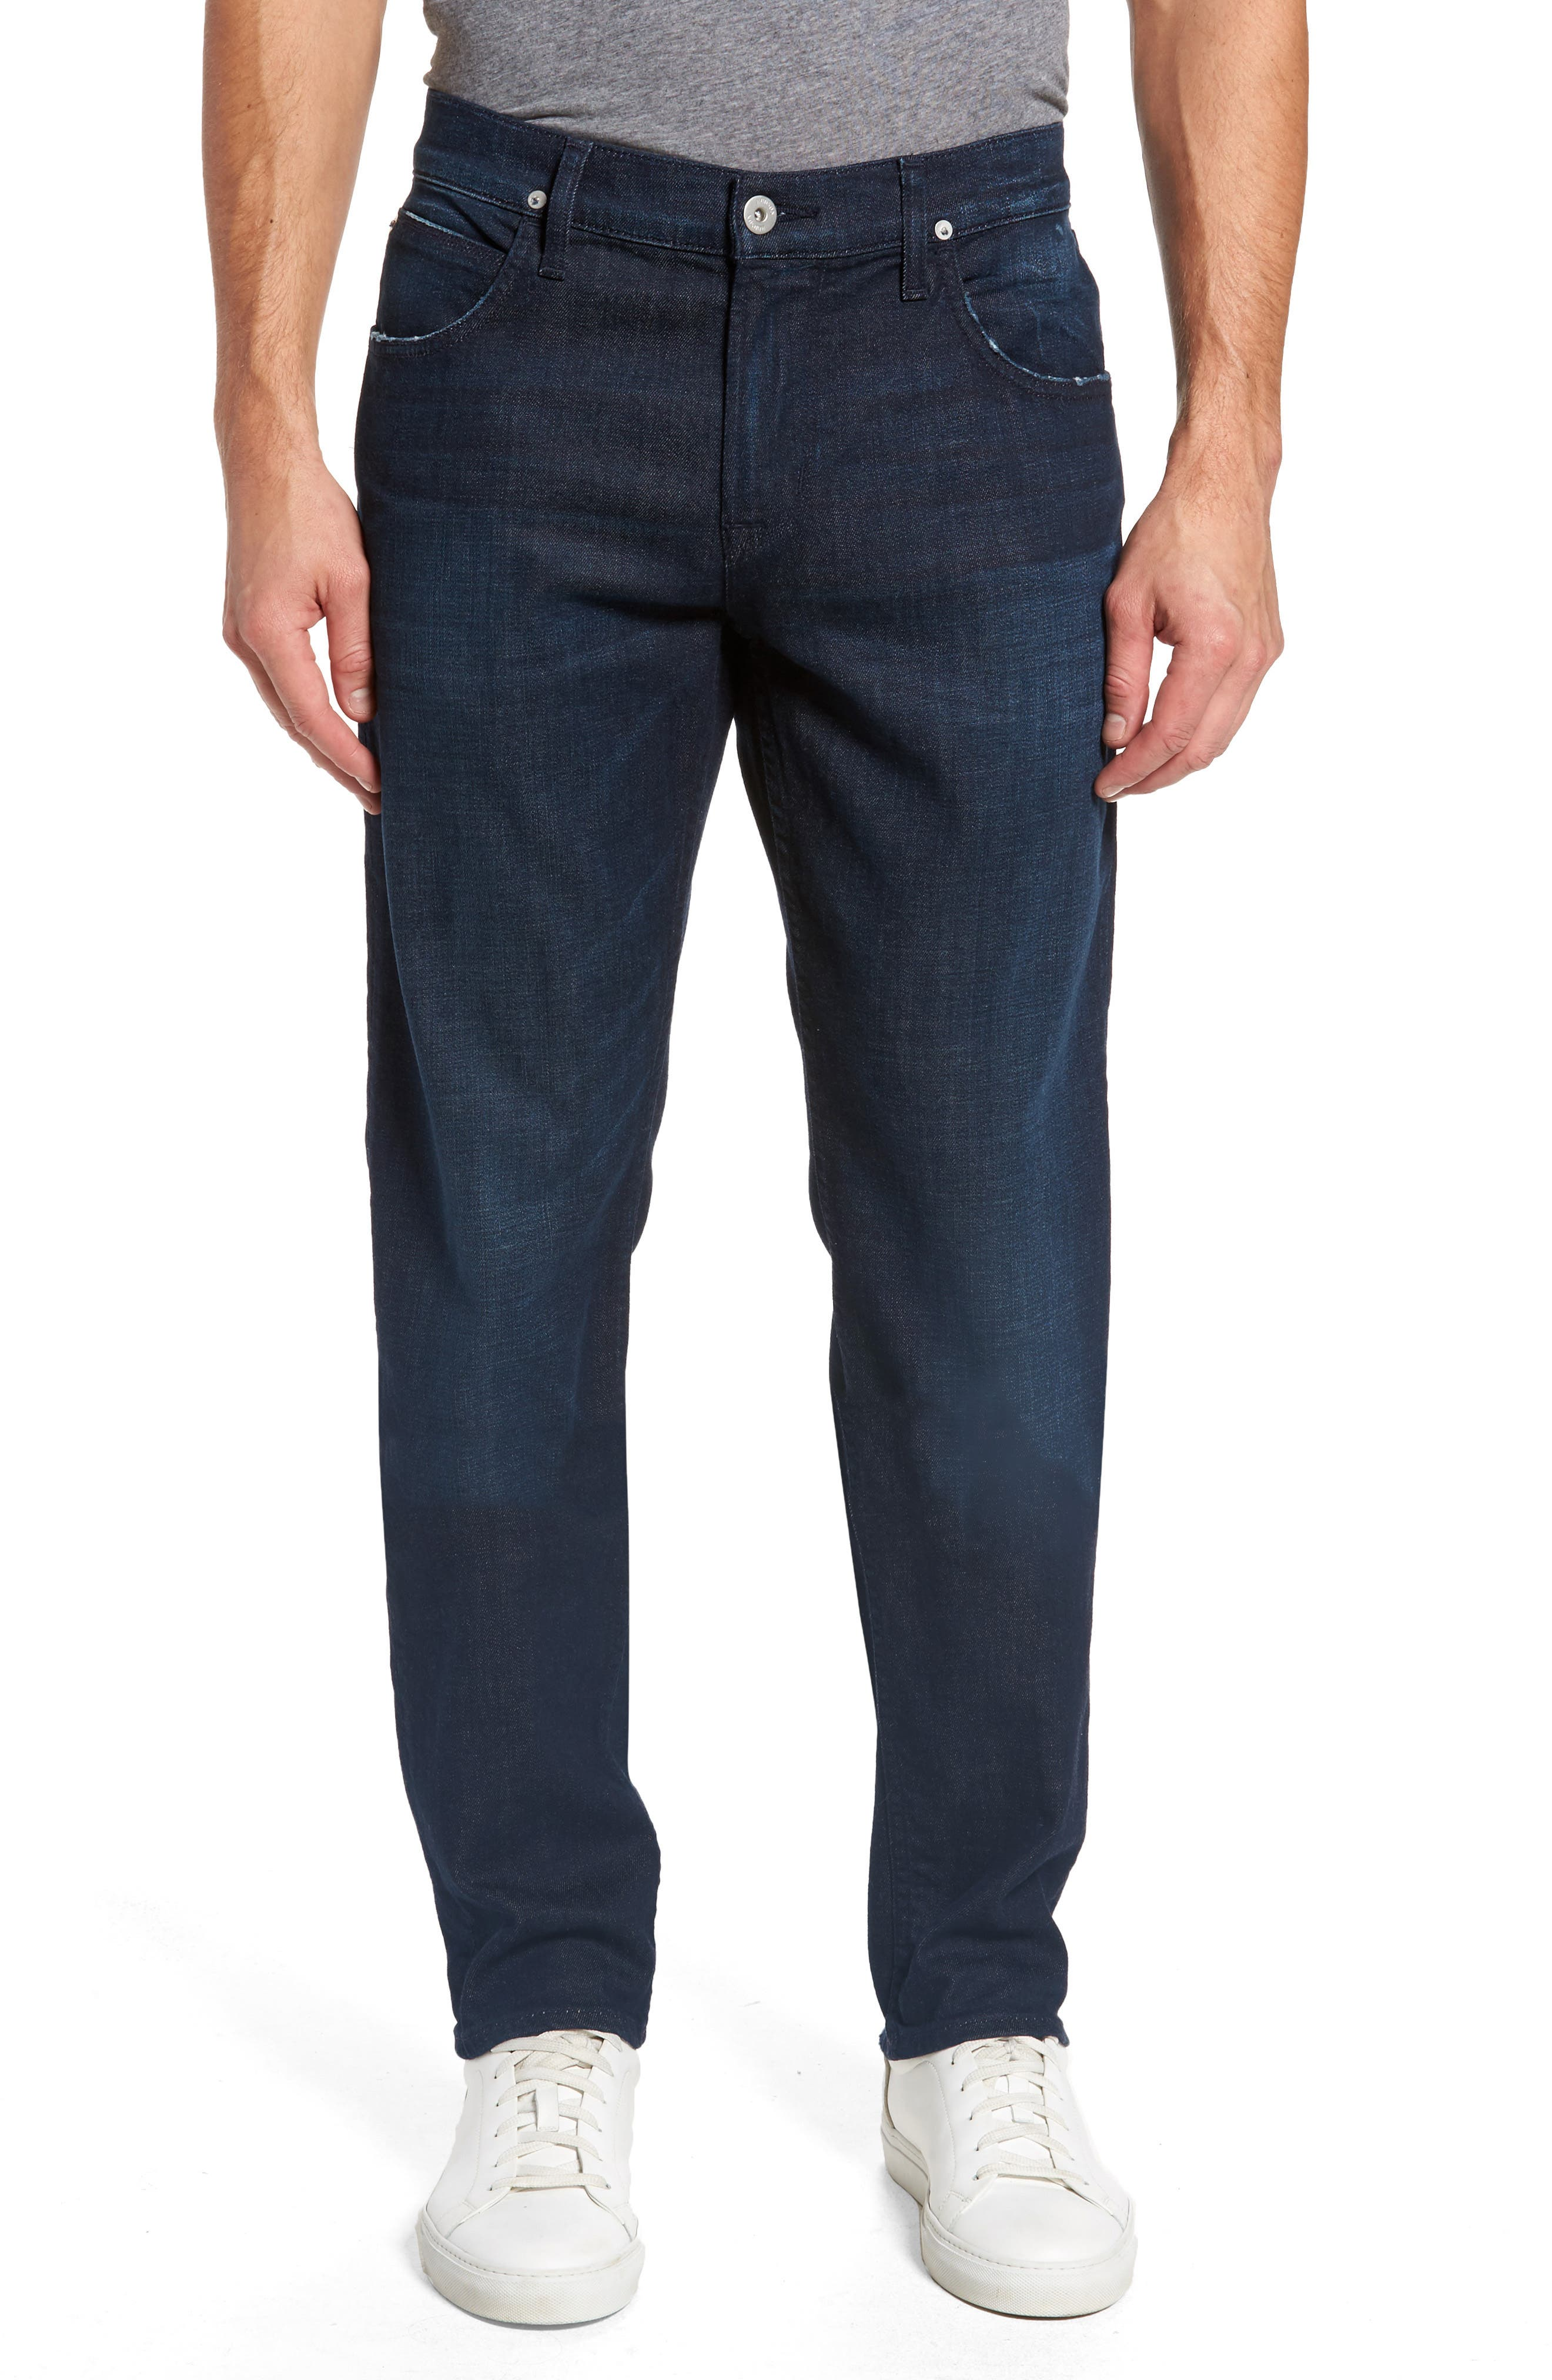 Blake Slim Fit Jeans,                             Main thumbnail 1, color,                             EVENING HUSH